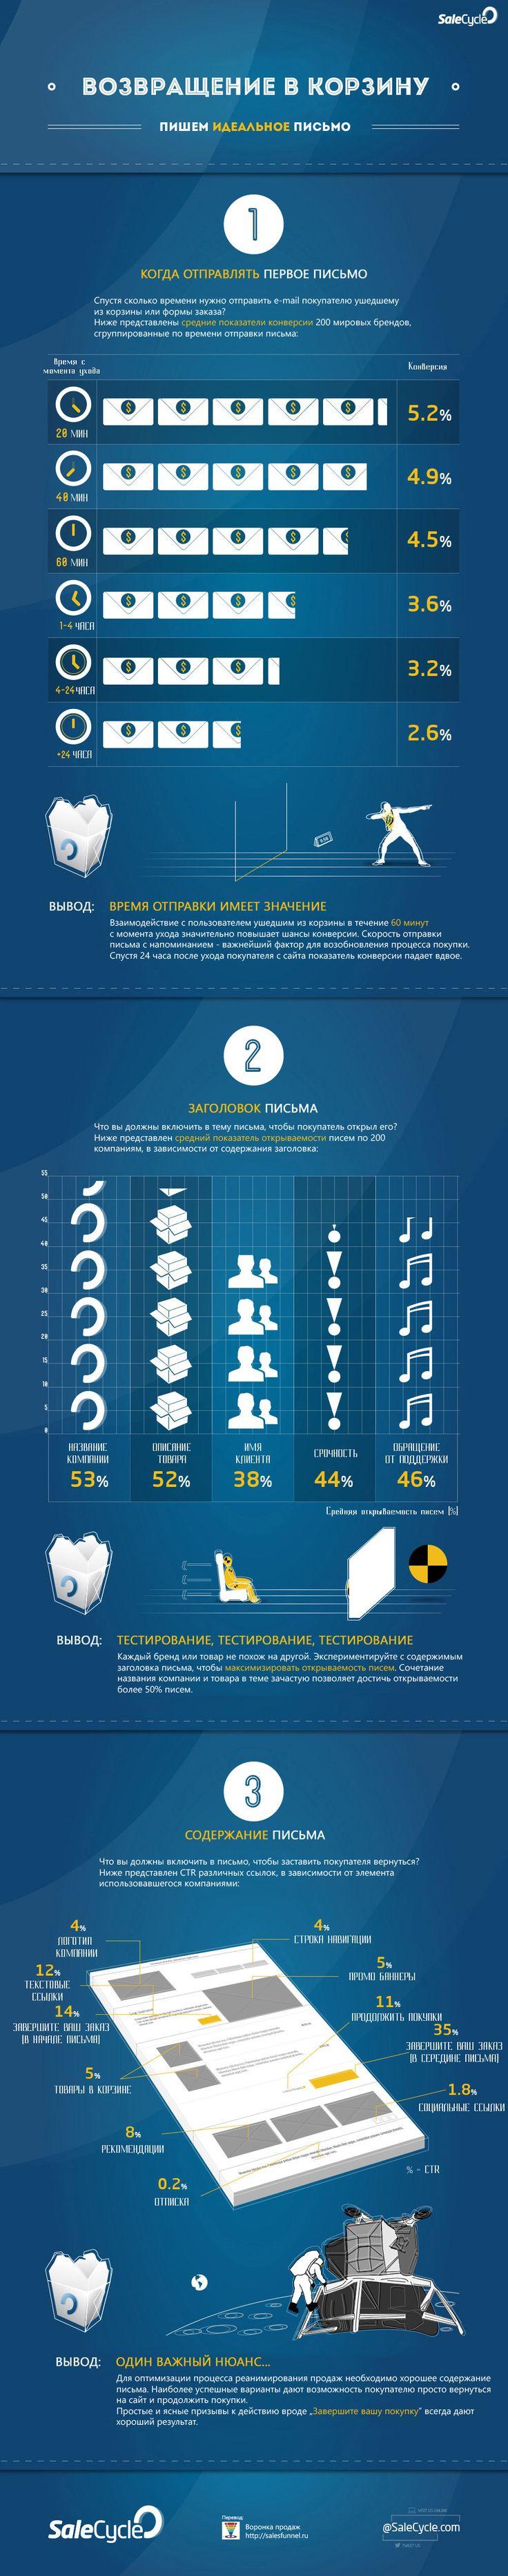 Инфографика: Возвращение покупателя в корзину